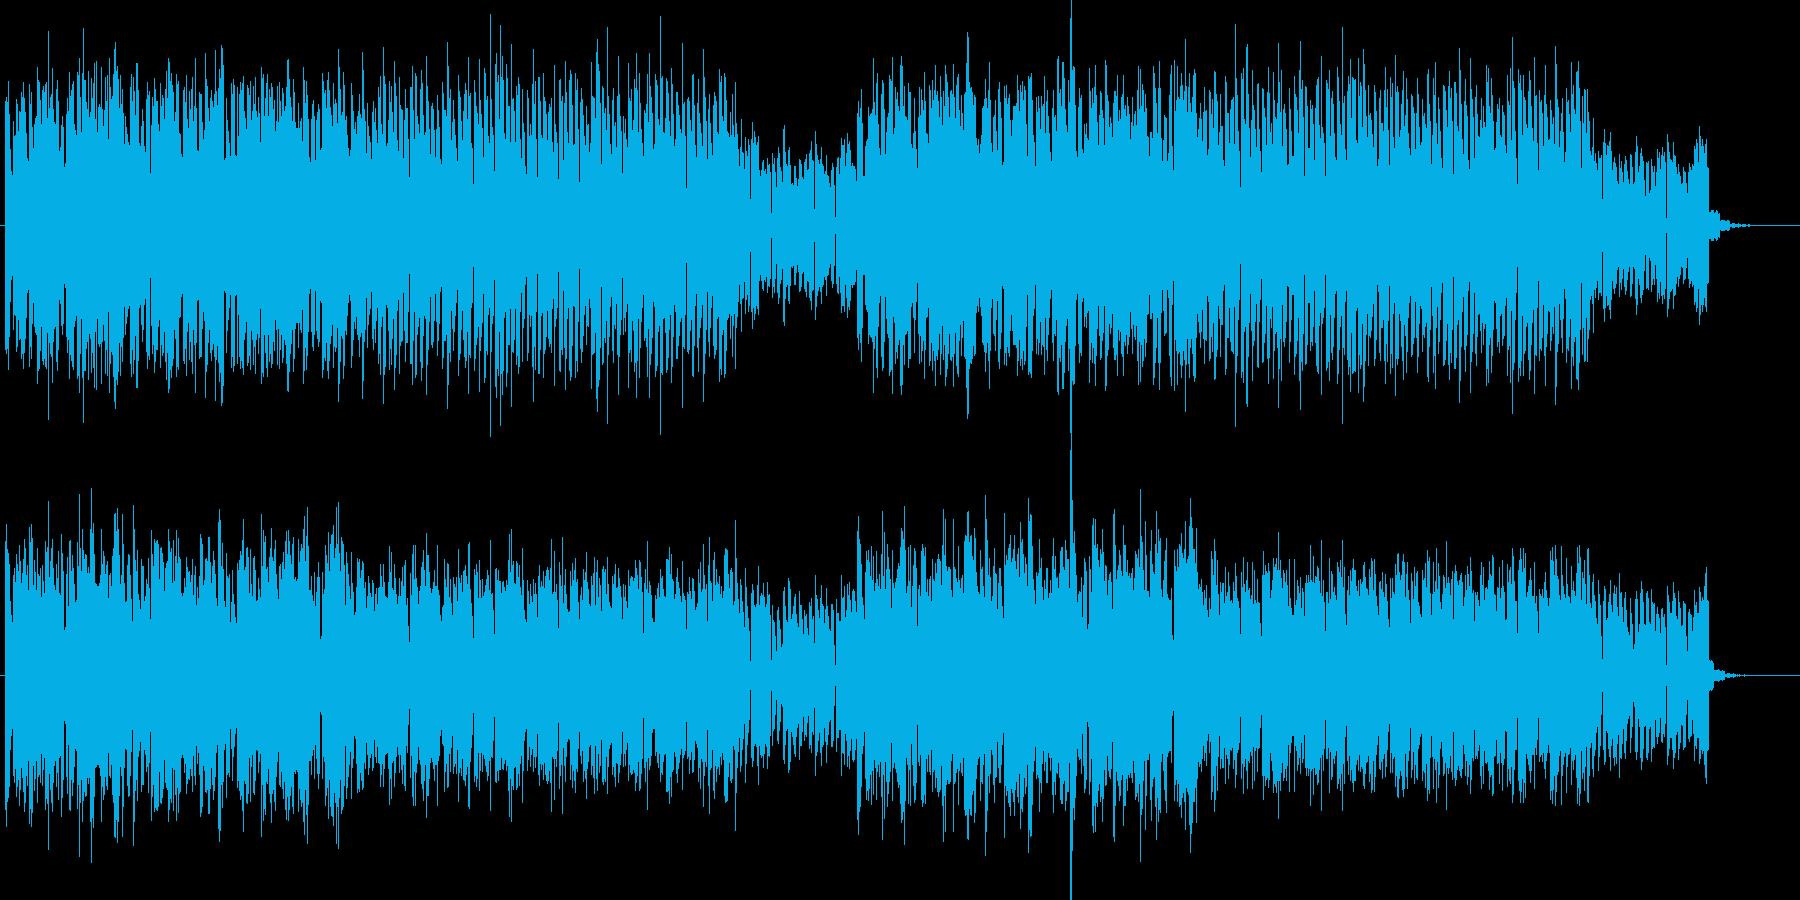 リズミカルなぷるぷるシンセサイザーの再生済みの波形